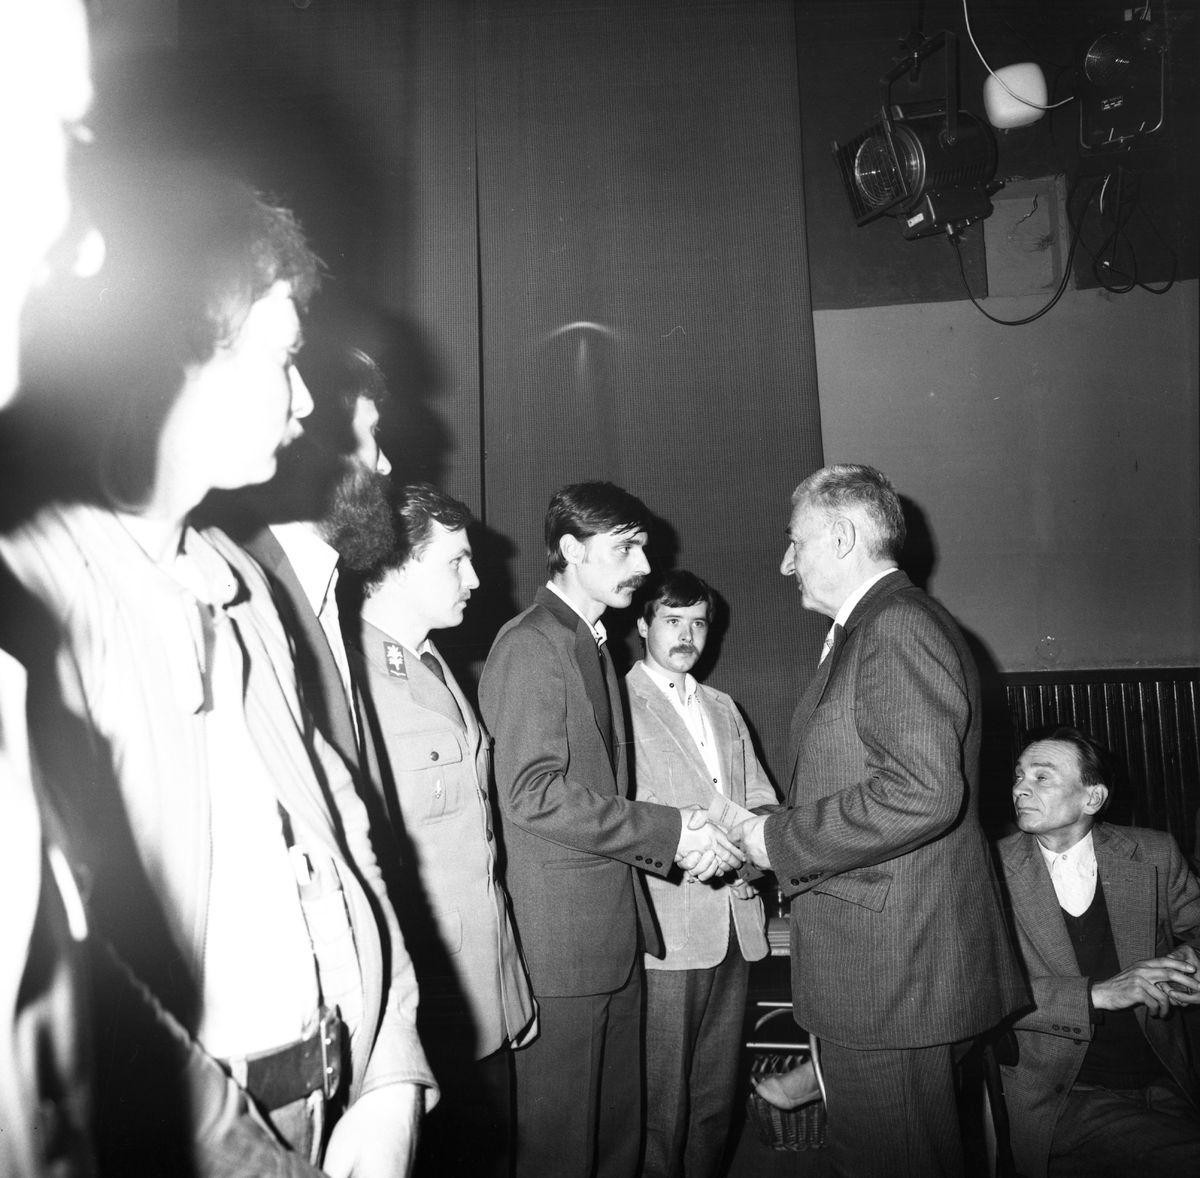 Spotkanie giżyckich struktur PZPR, 1986 r. [4]